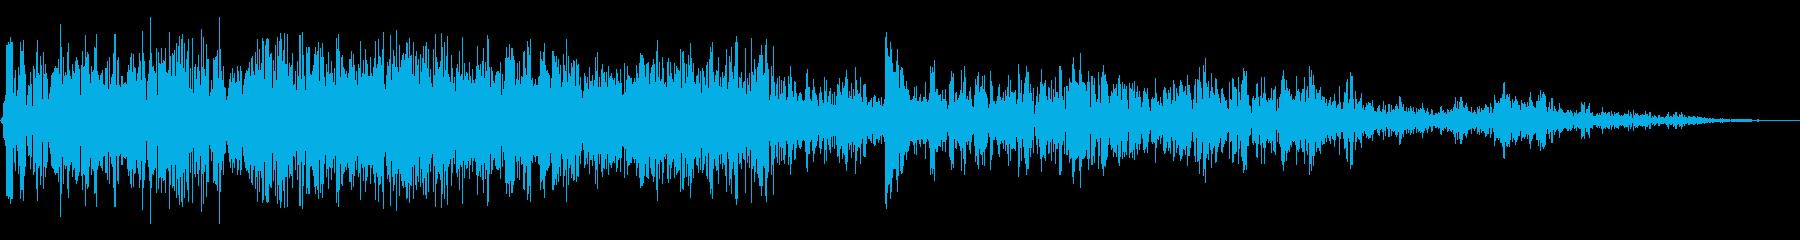 大規模な爆発ヴィンテージ録音;爆発と爆弾の再生済みの波形